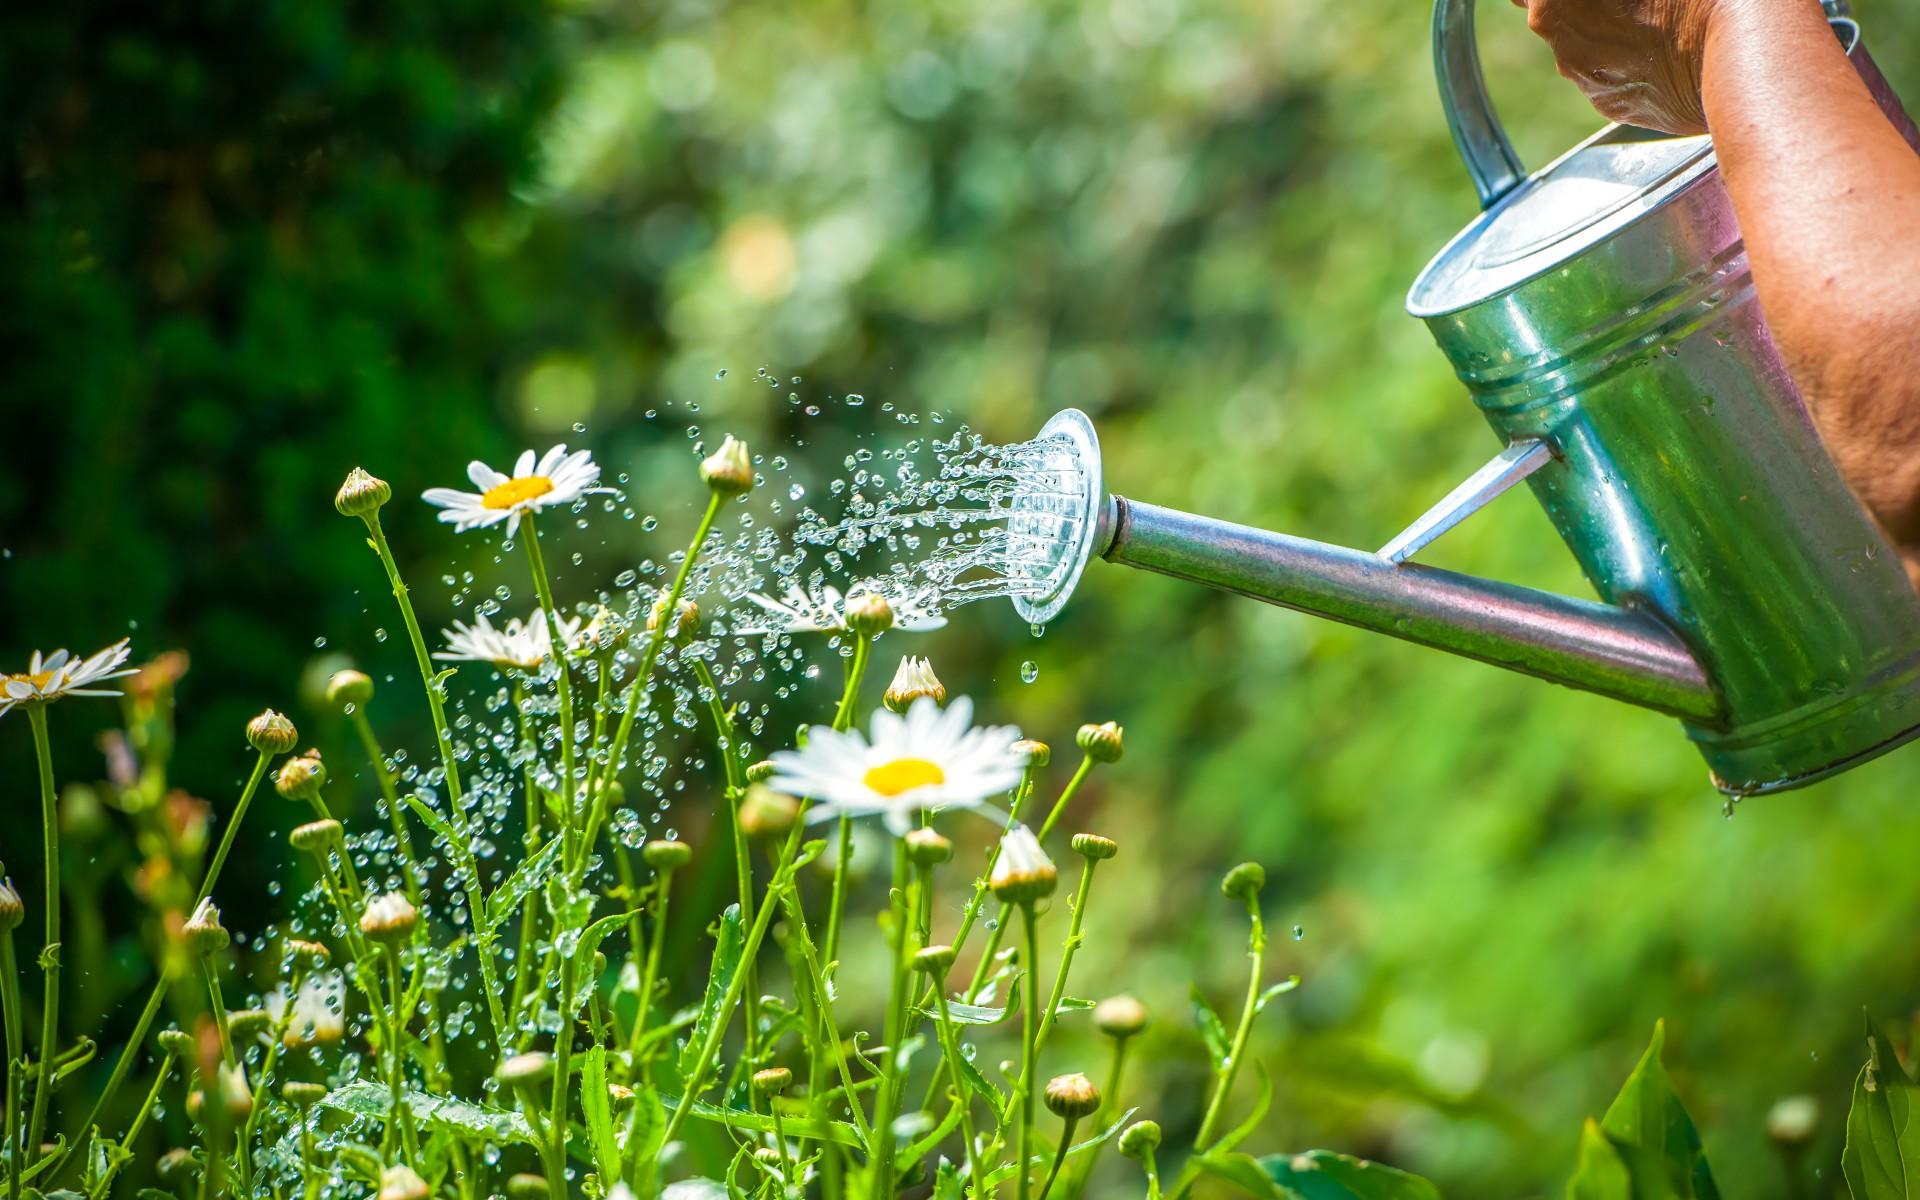 So Bewässern Sie Ihren Garten Richtig | Garten Europa Pflanzen Bewassern